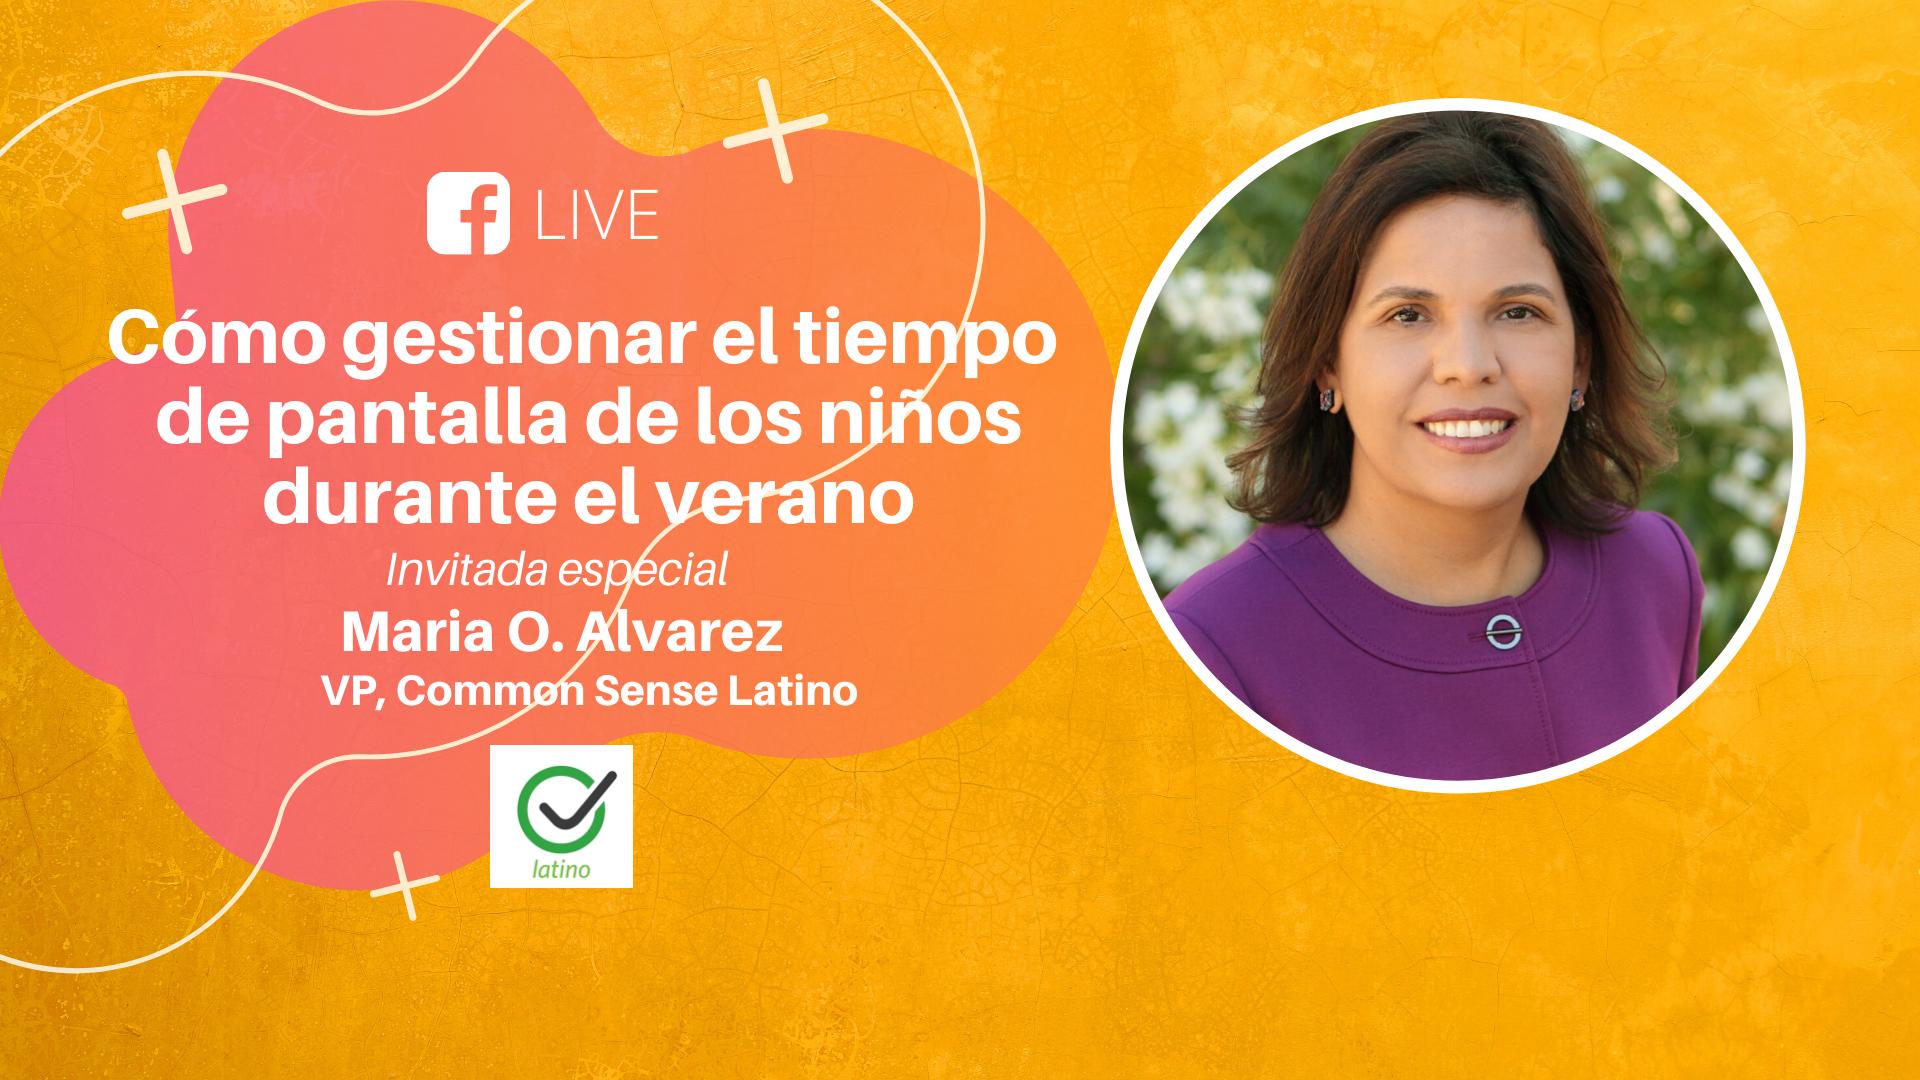 Evento en Vivo con Common Sense Latino